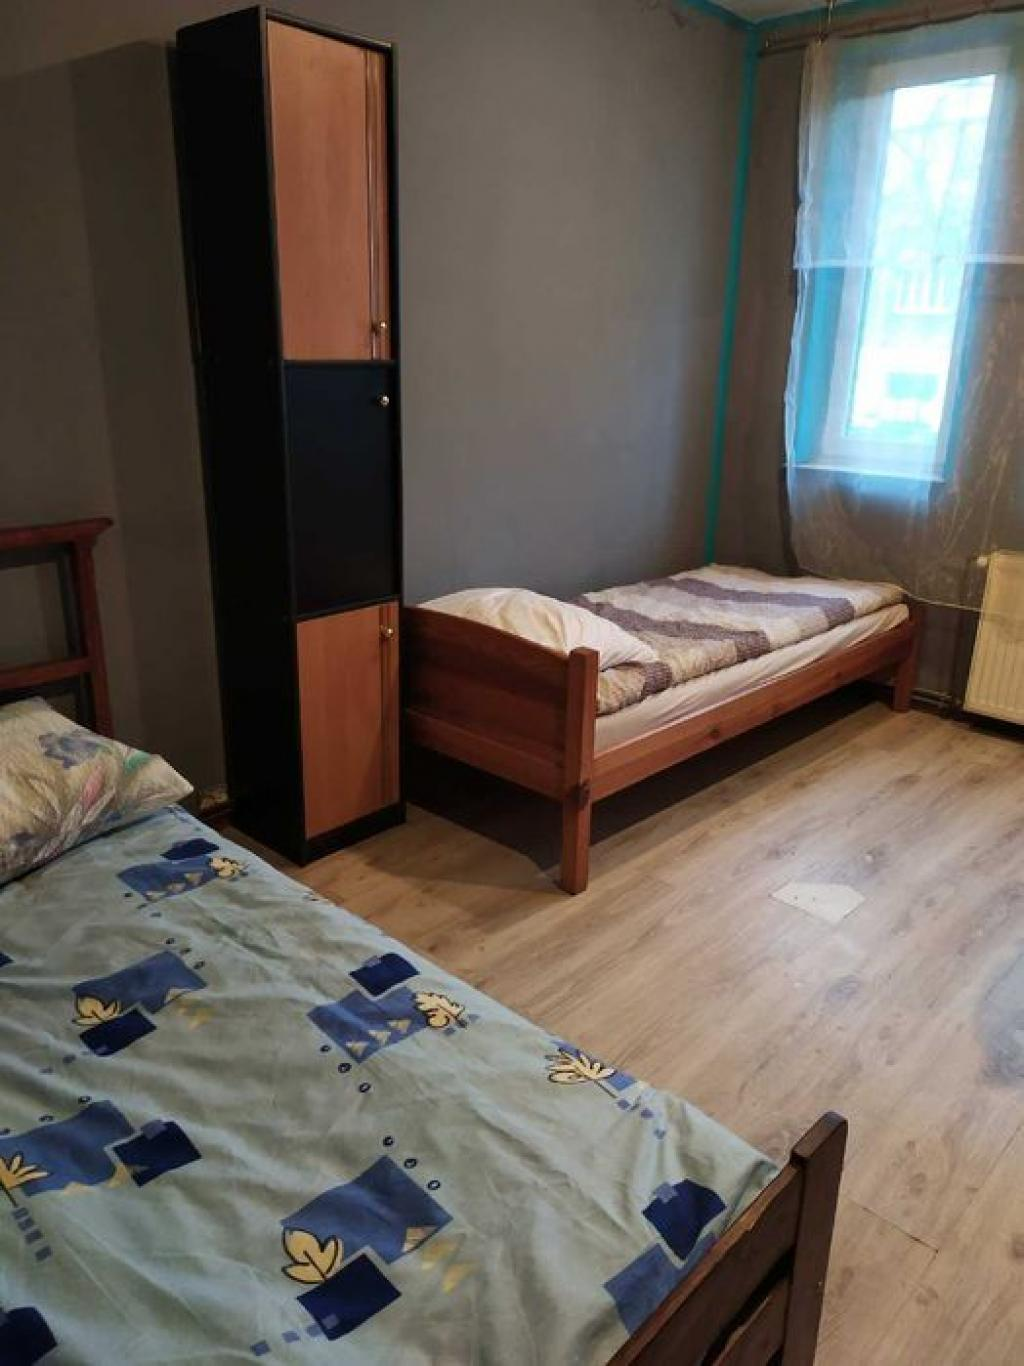 Zdjęcie 1 Kwatera pracownicza Katowice Piotrowicka 58 TanieZakwaterowanie